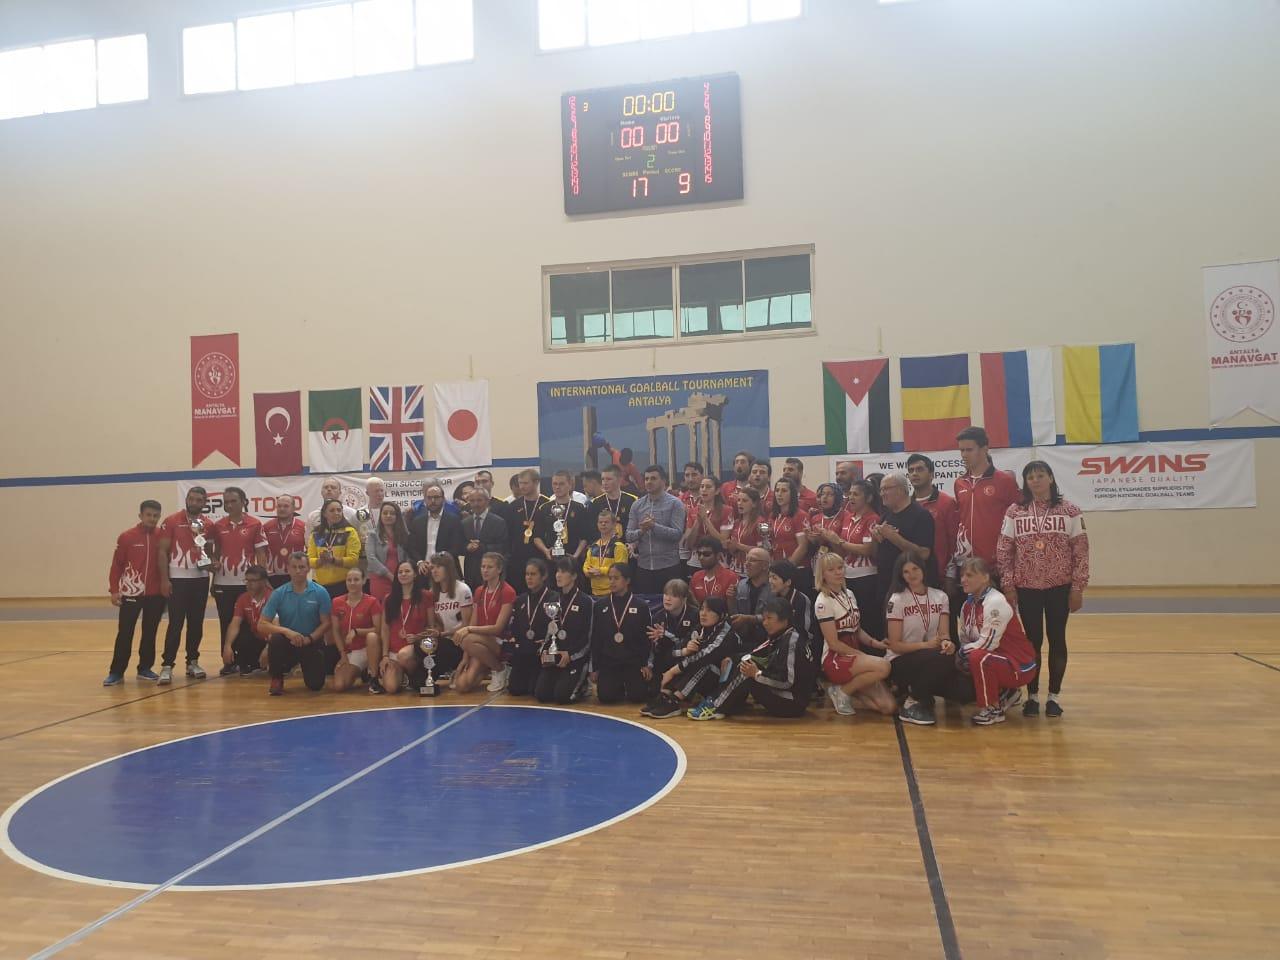 Российские спортсменки завоевали бронзовые медали на международных соревнованиях по голболу спорта слепых в Турции